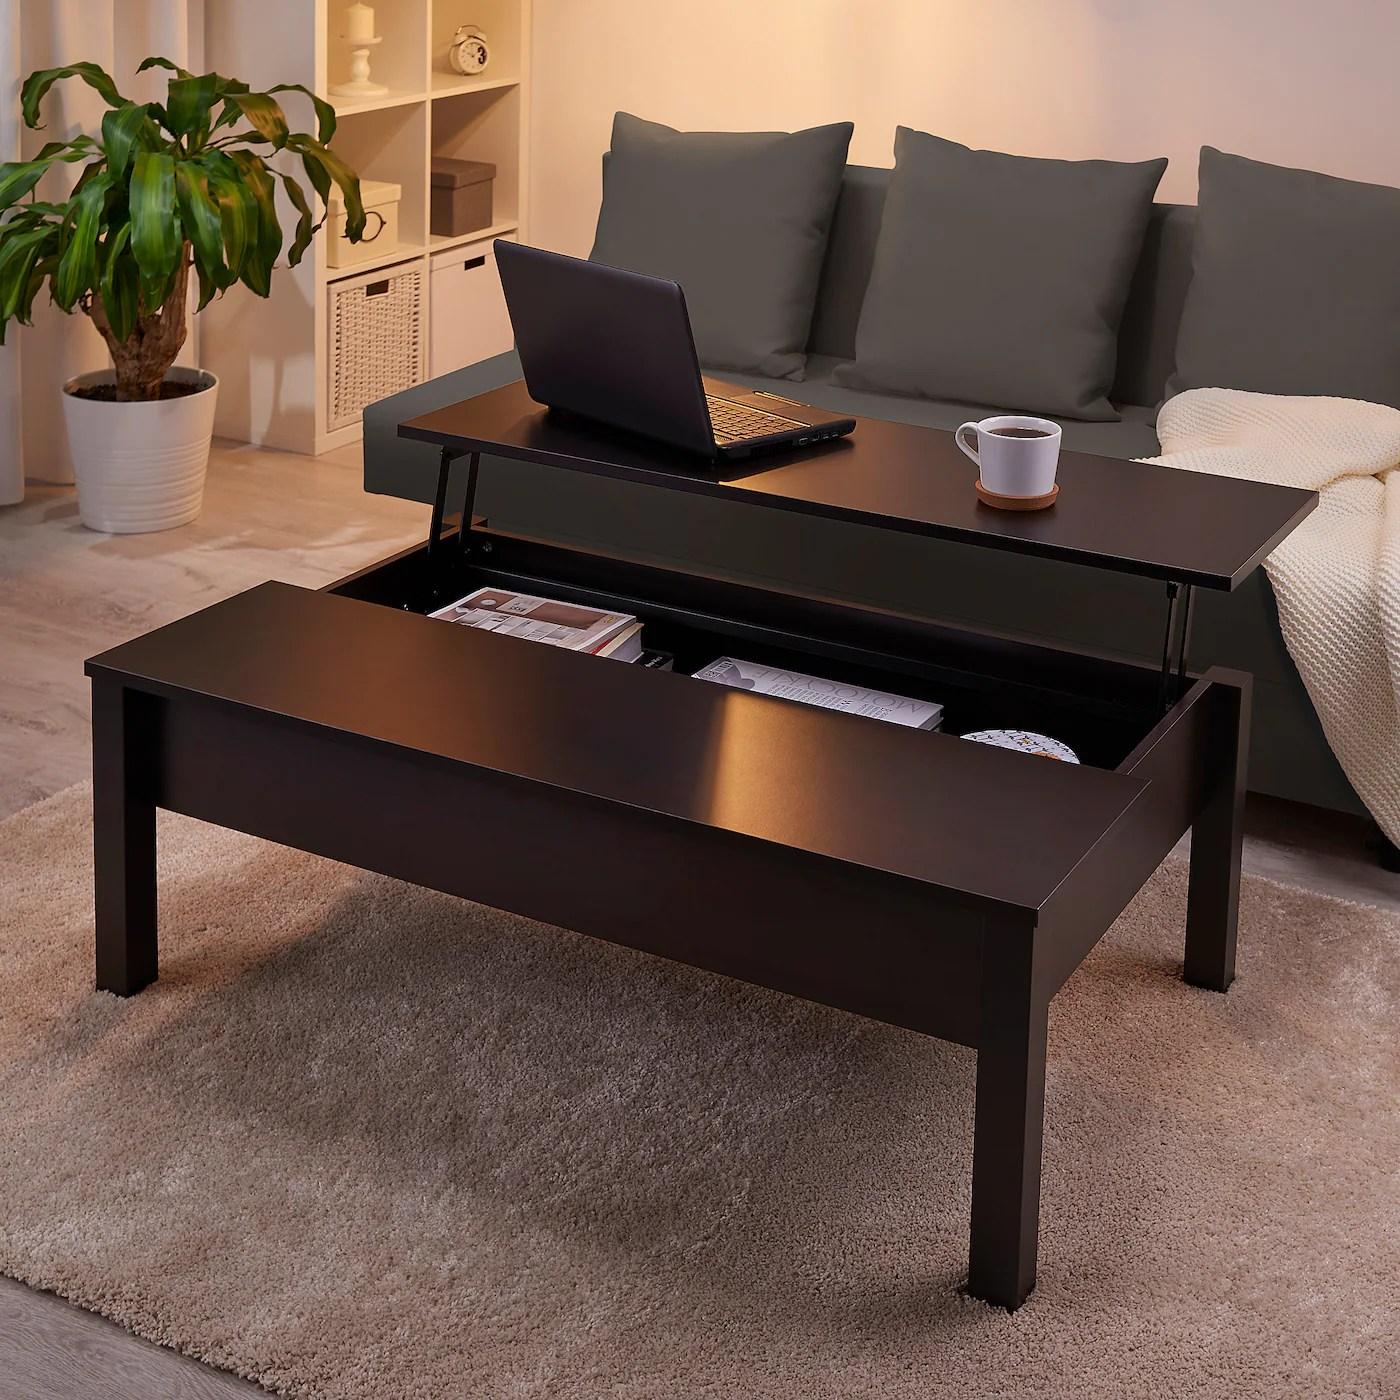 Trulstorp Coffee Table Black Brown 45 1 4x27 1 2 Ikea